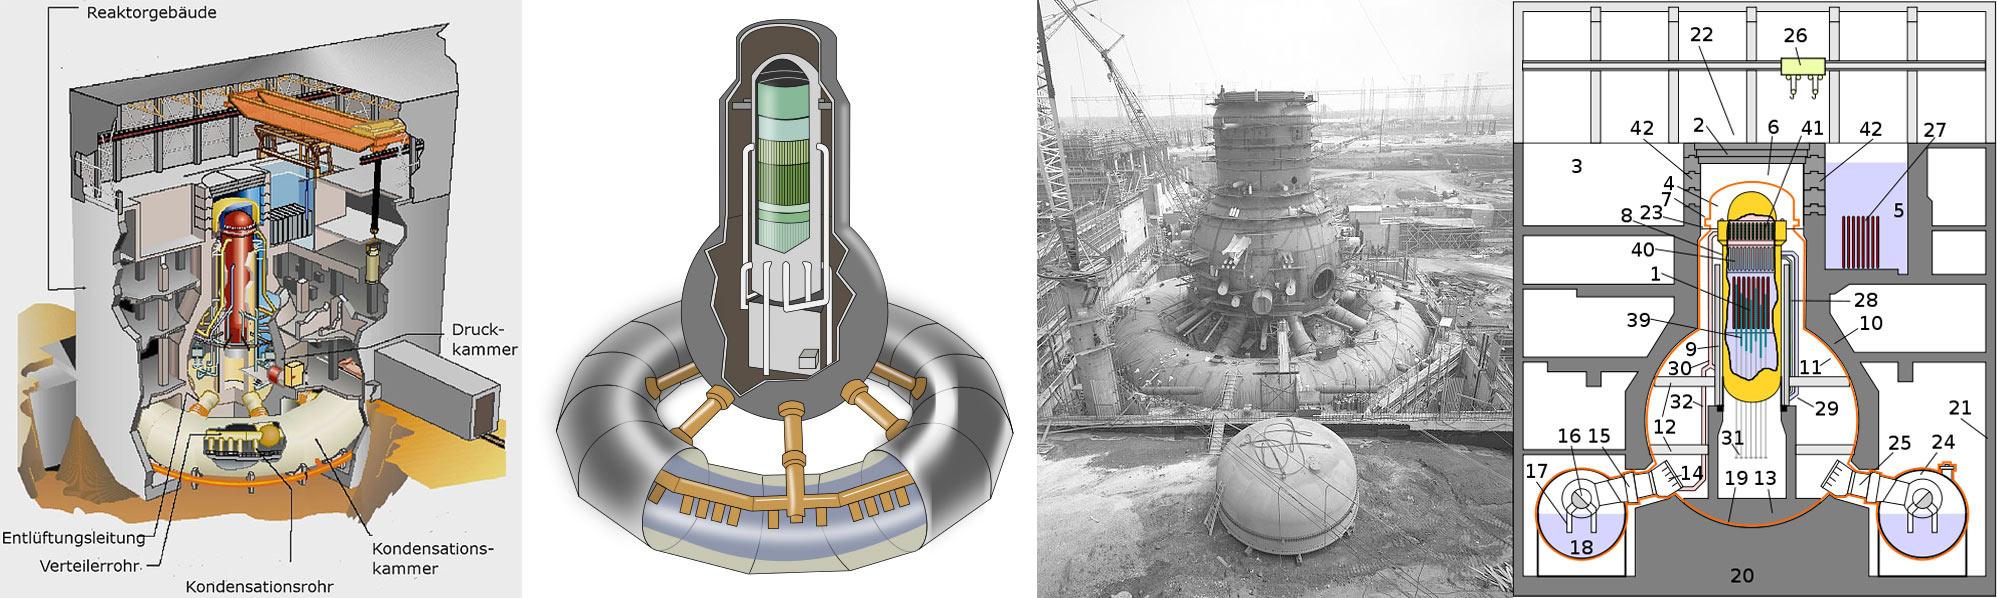 Fukusima reaktor